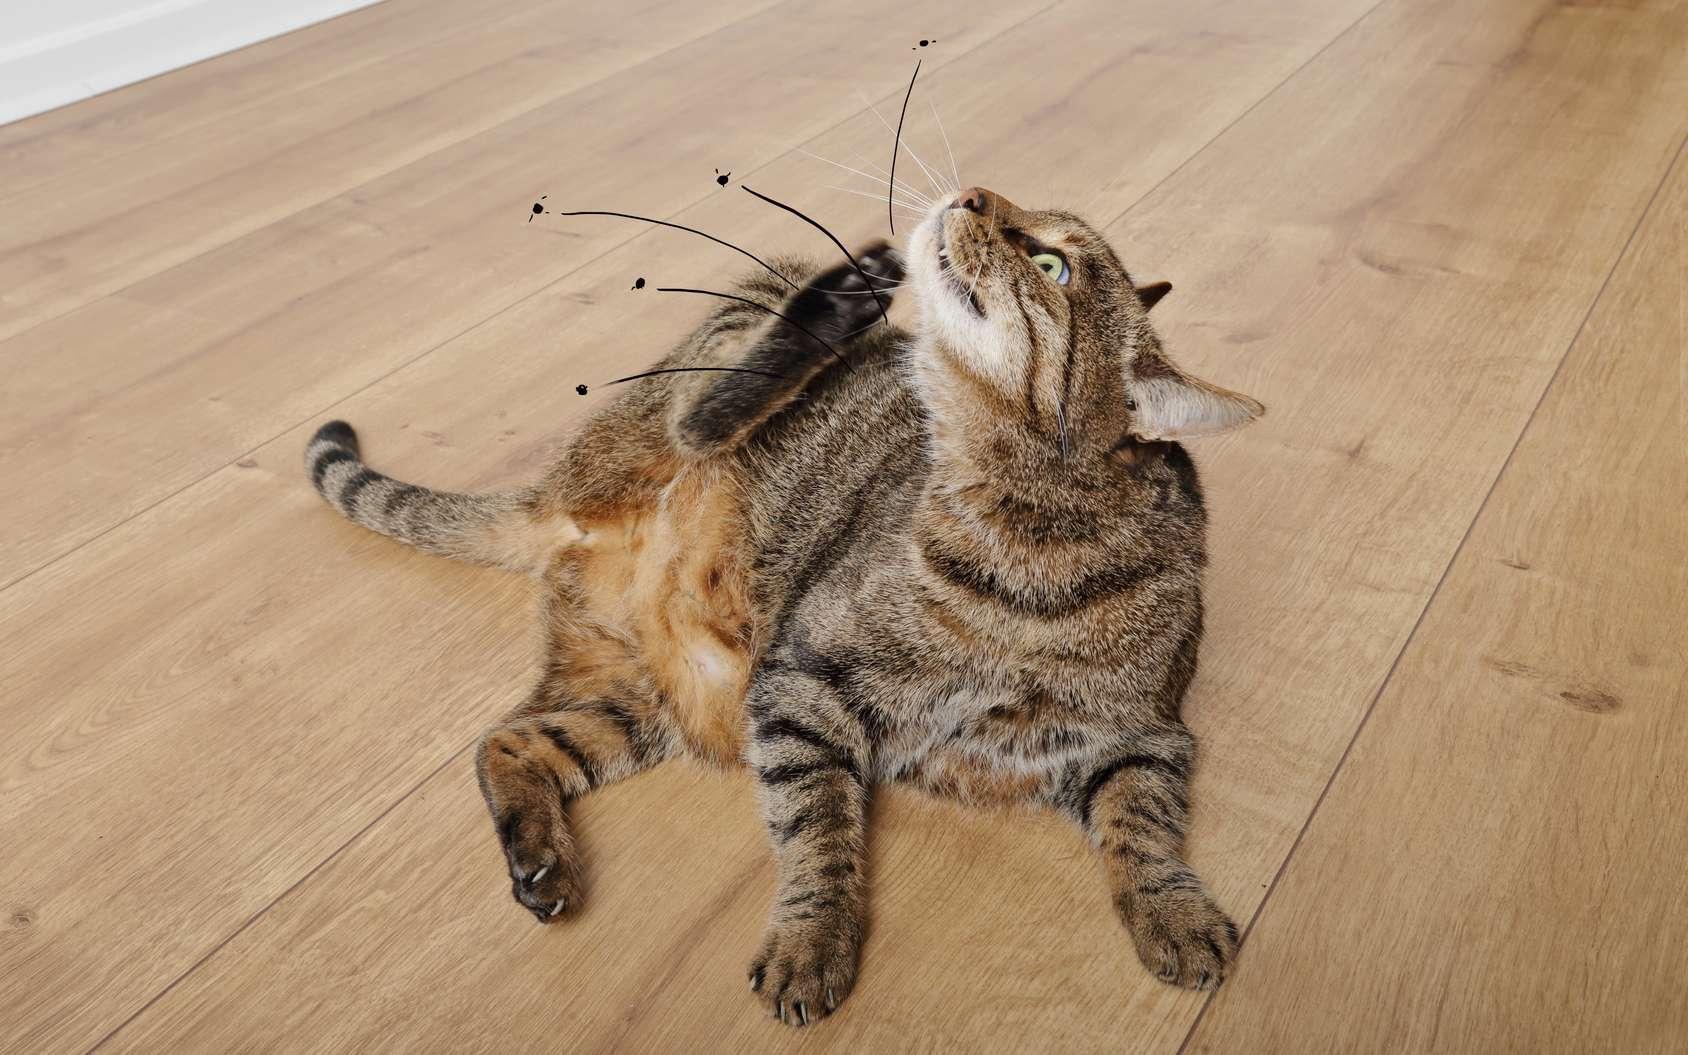 Les infestations de puces ont généralement un animal de compagnie pour origine. © mariesacha, Fotolia